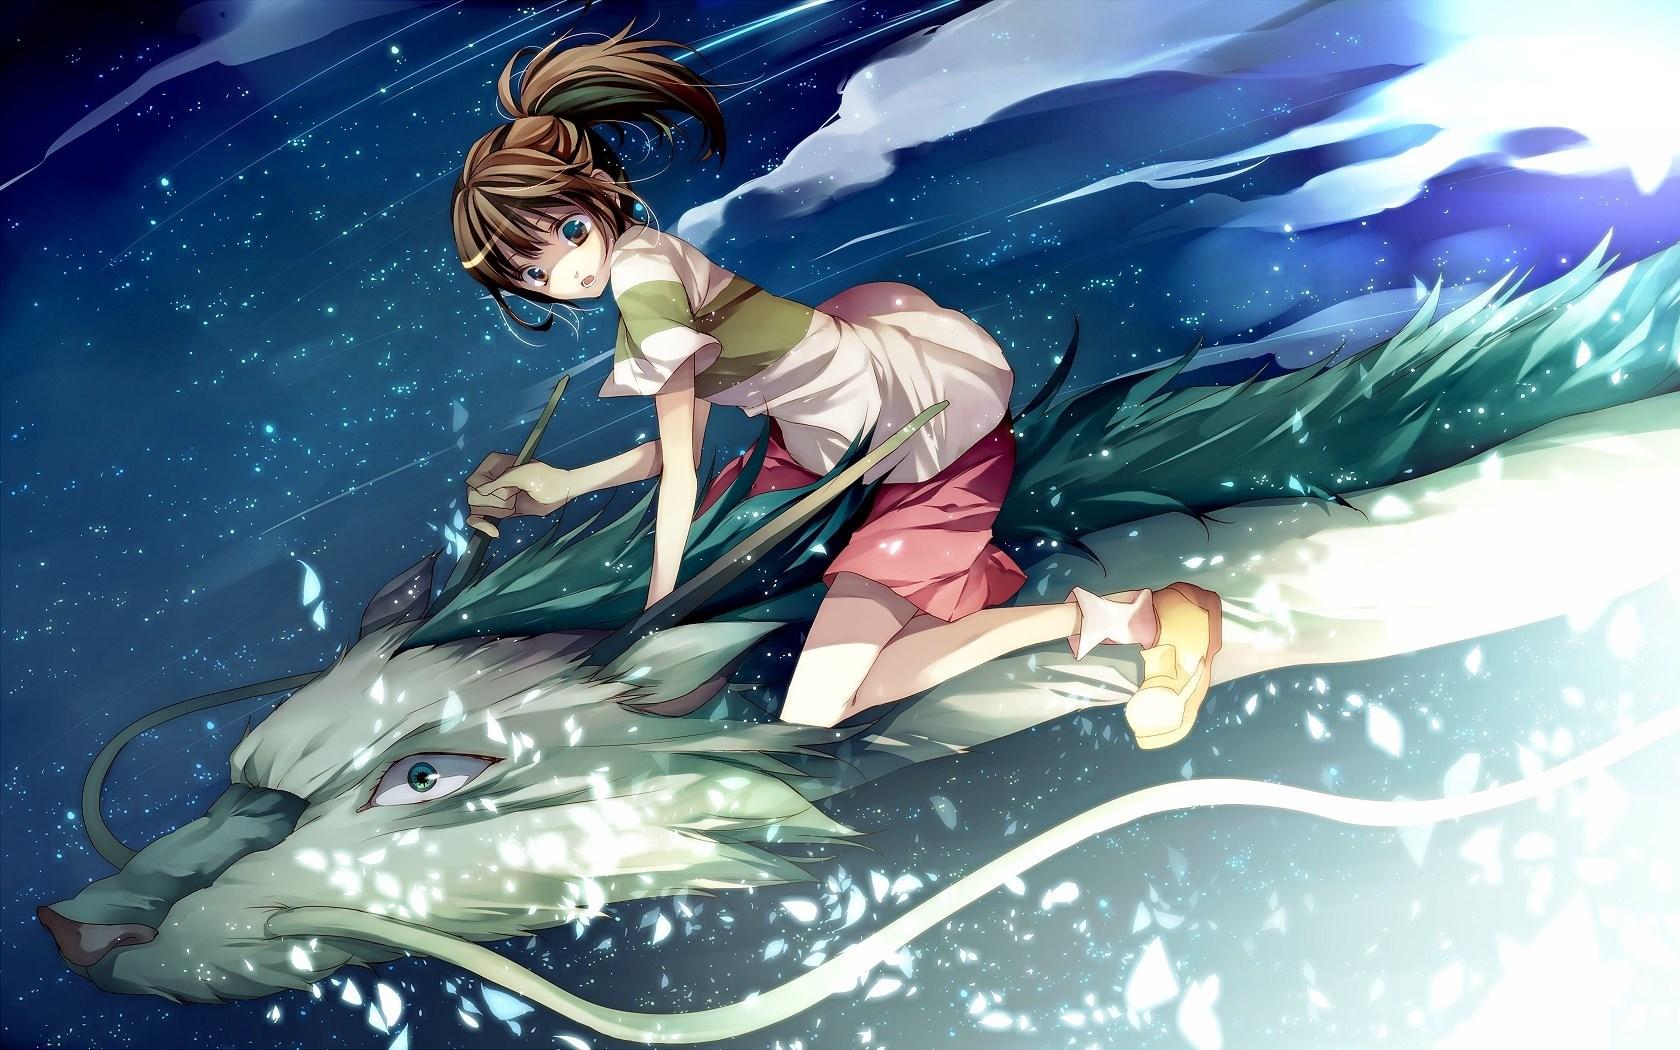 Dragon Girl Art Anime